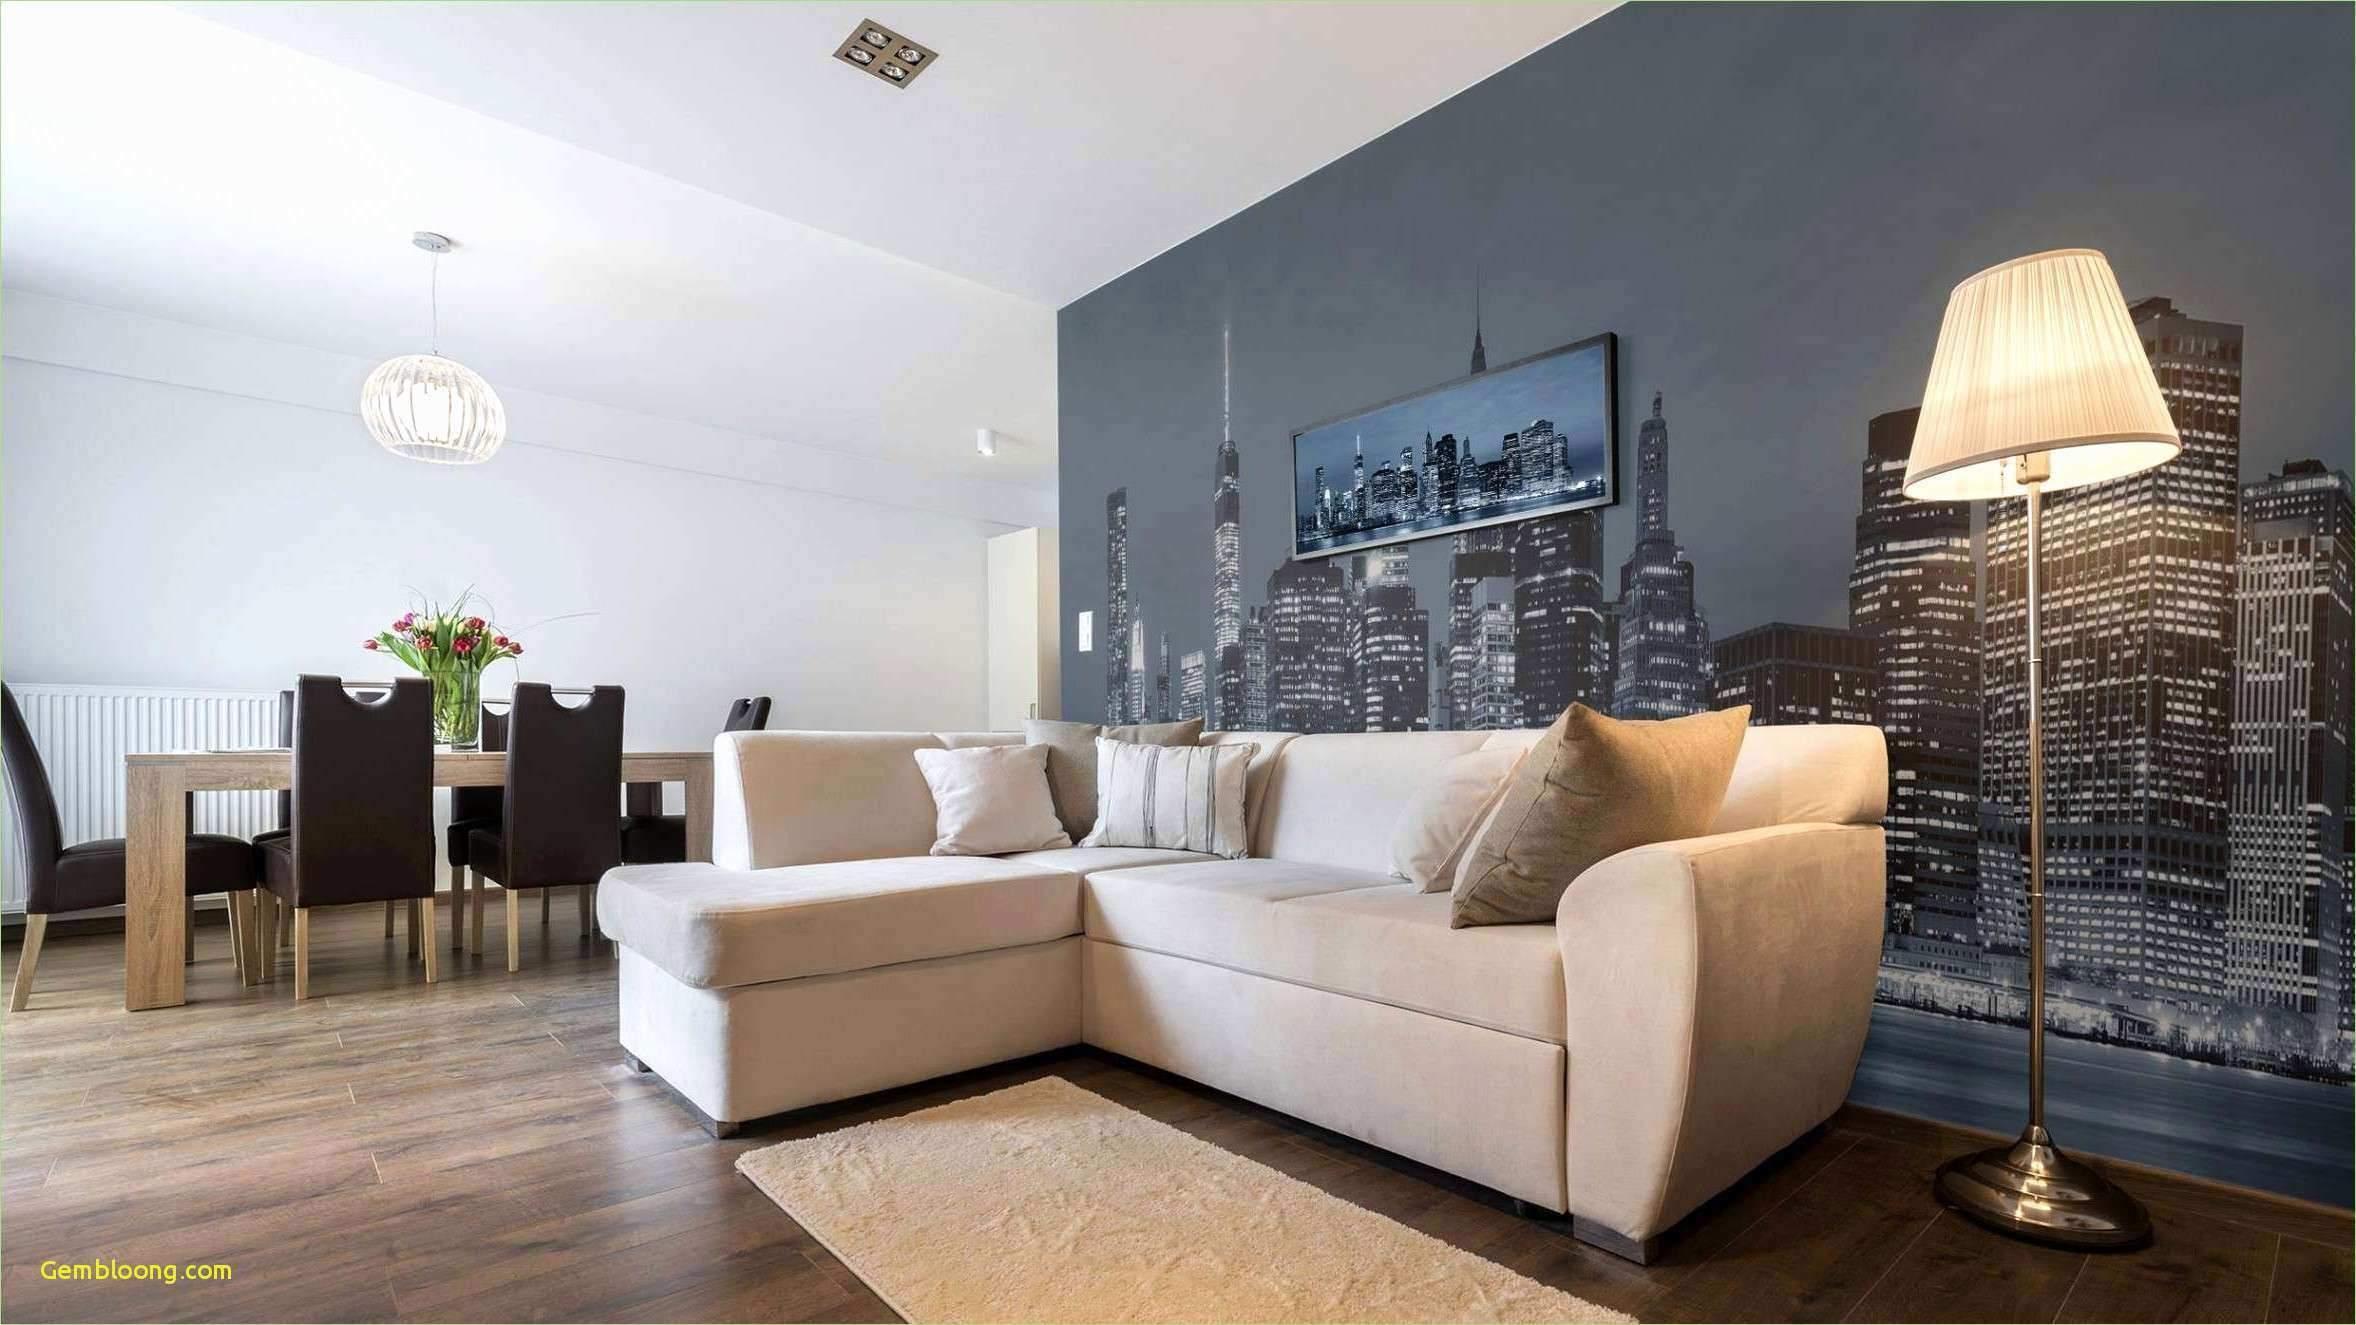 deko wohnzimmer selber machen schon 50 einzigartig von wohnzimmer deko selber machen meinung of deko wohnzimmer selber machen